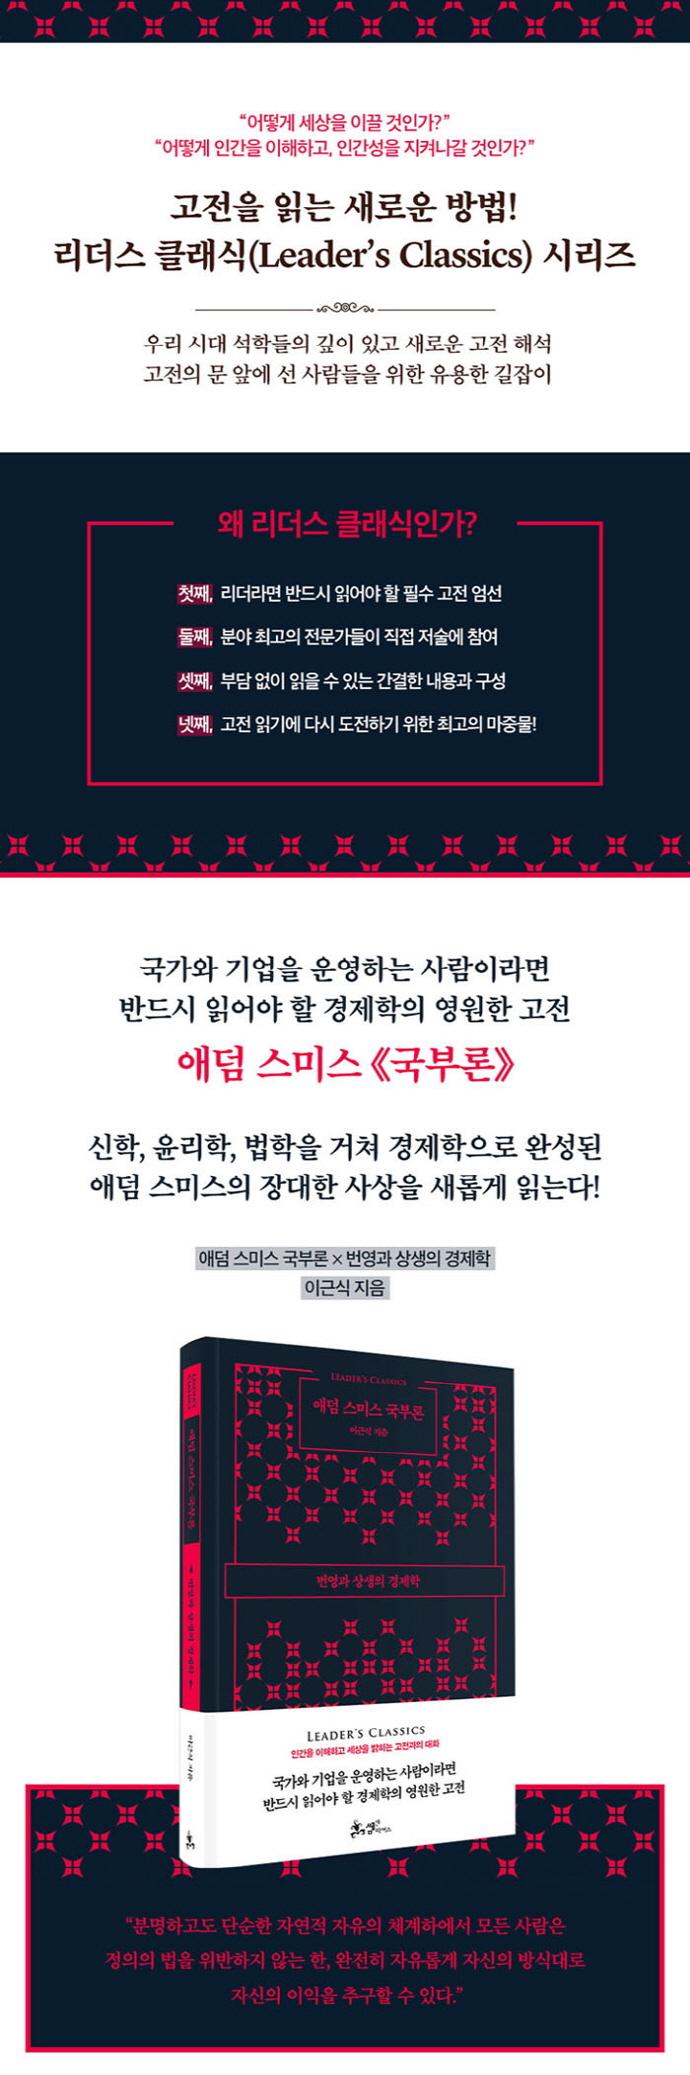 애덤 스미스 국부론(리더스 클래식)(양장본 HardCover) 도서 상세이미지